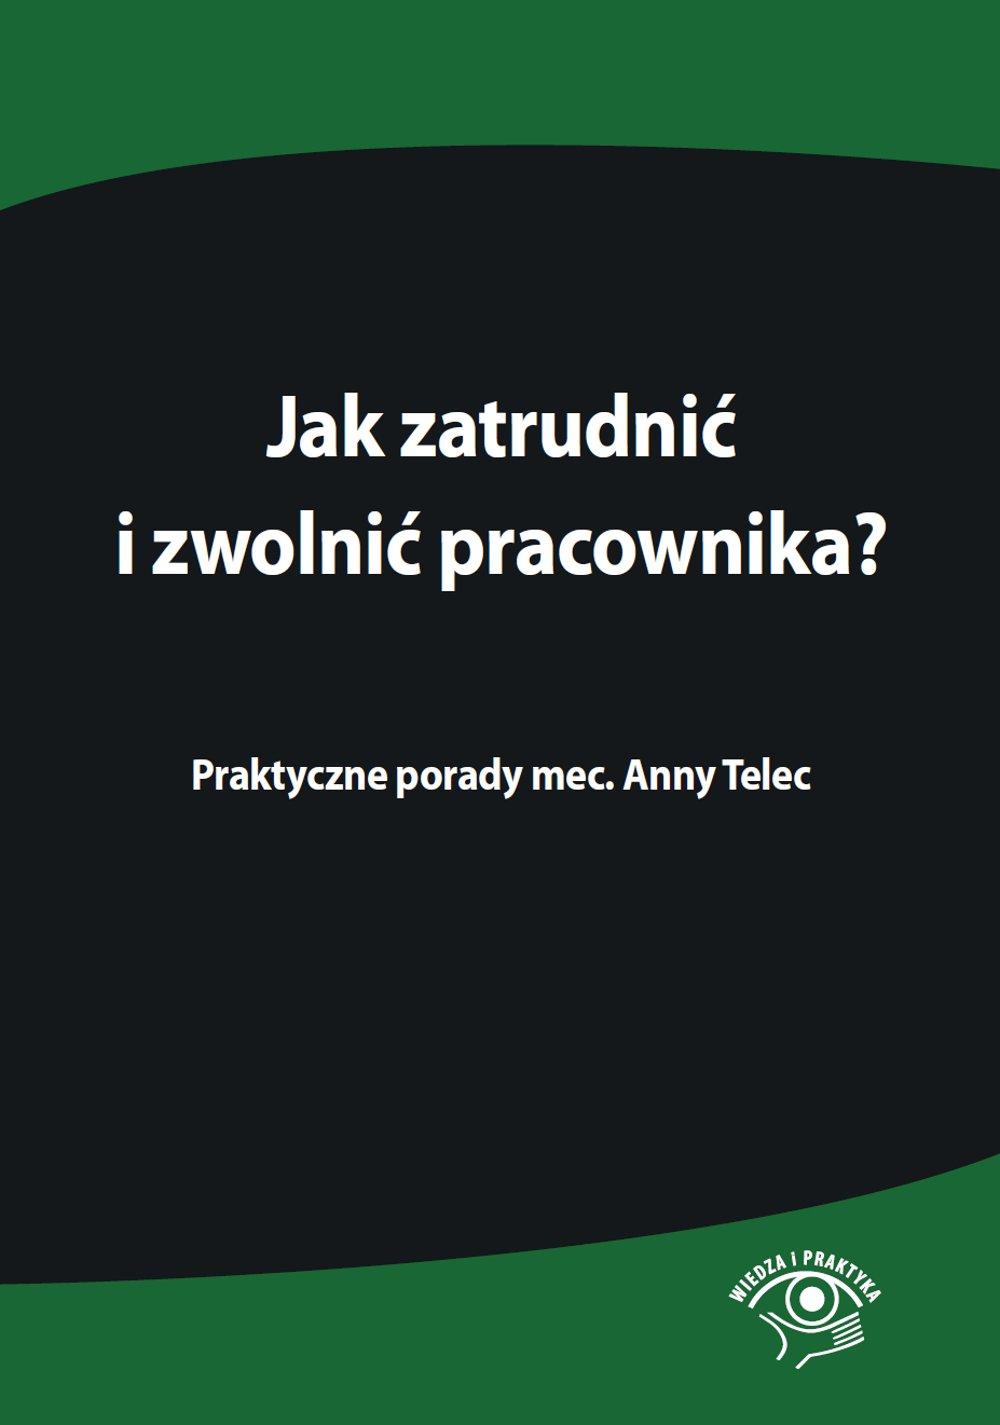 Jak zatrudnić i zwolnić pracownika. Praktyczne porady mec. Anny Telec - Ebook (Książka PDF) do pobrania w formacie PDF